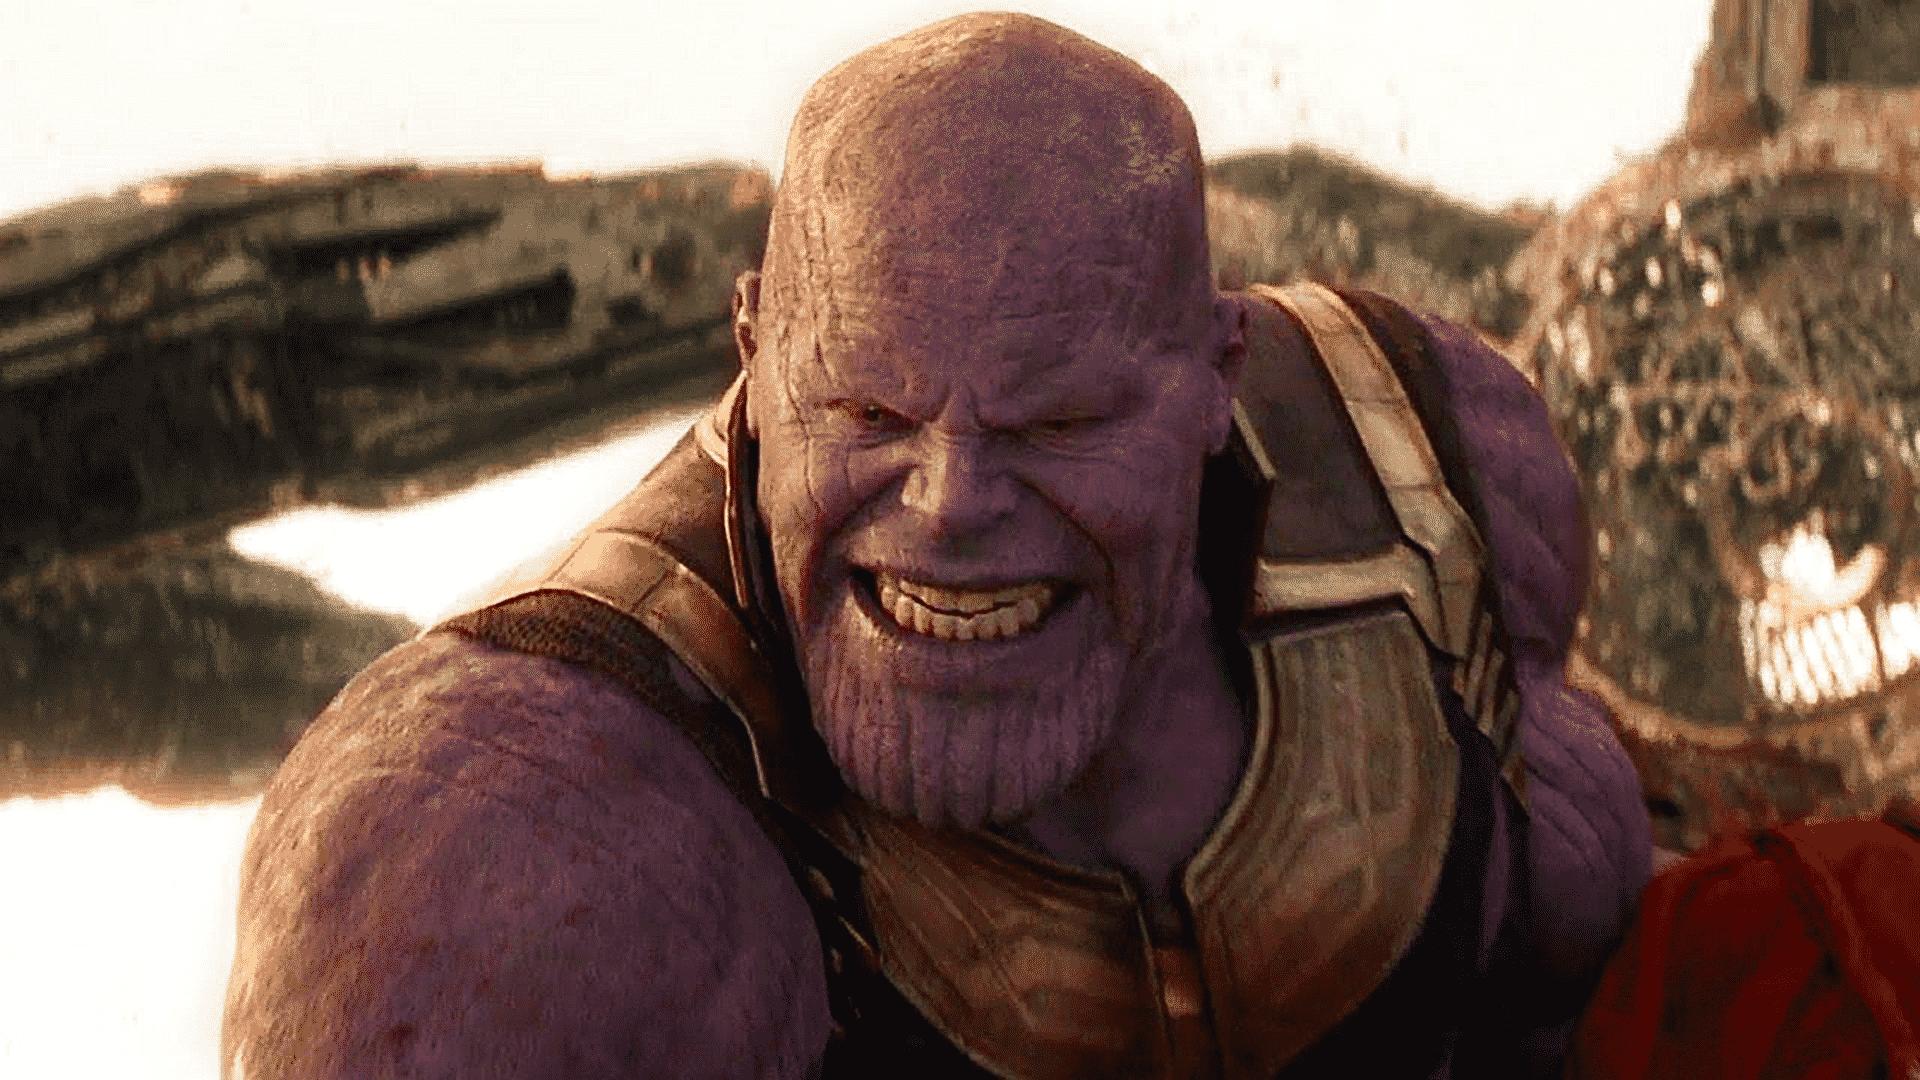 koniec filmu infinity war